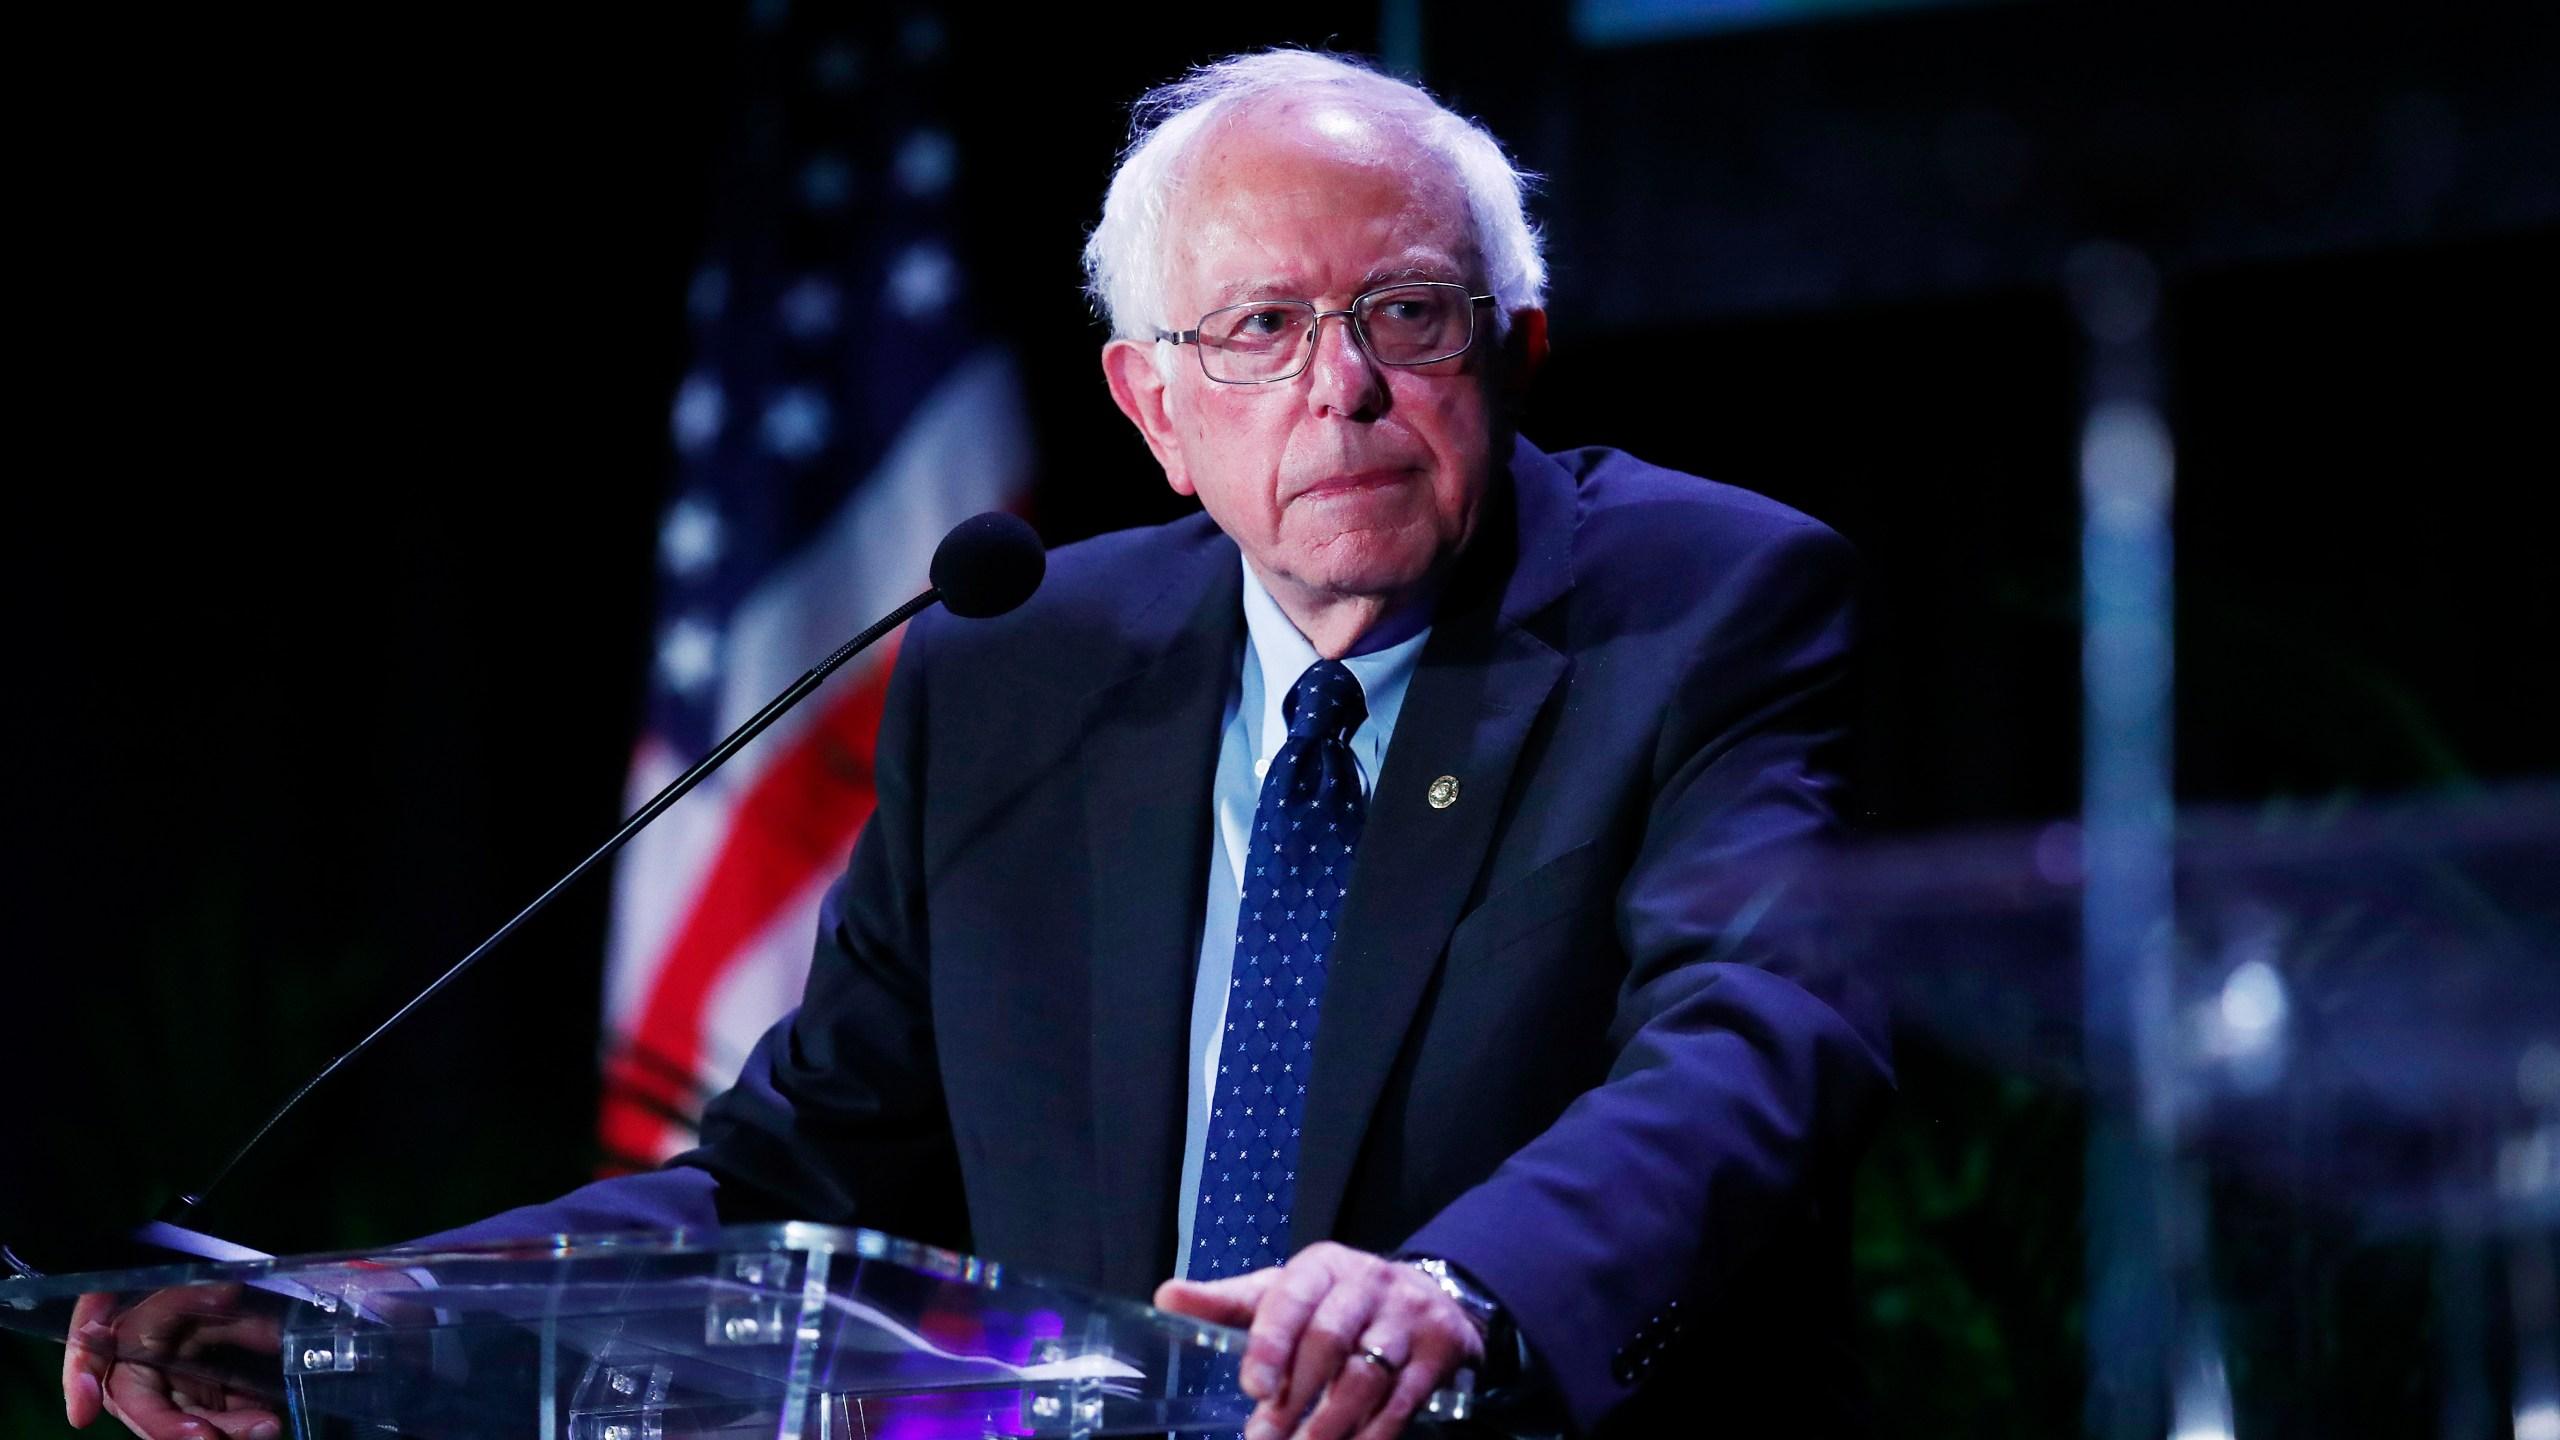 Election_2020_Sanders_47582-159532.jpg34872162